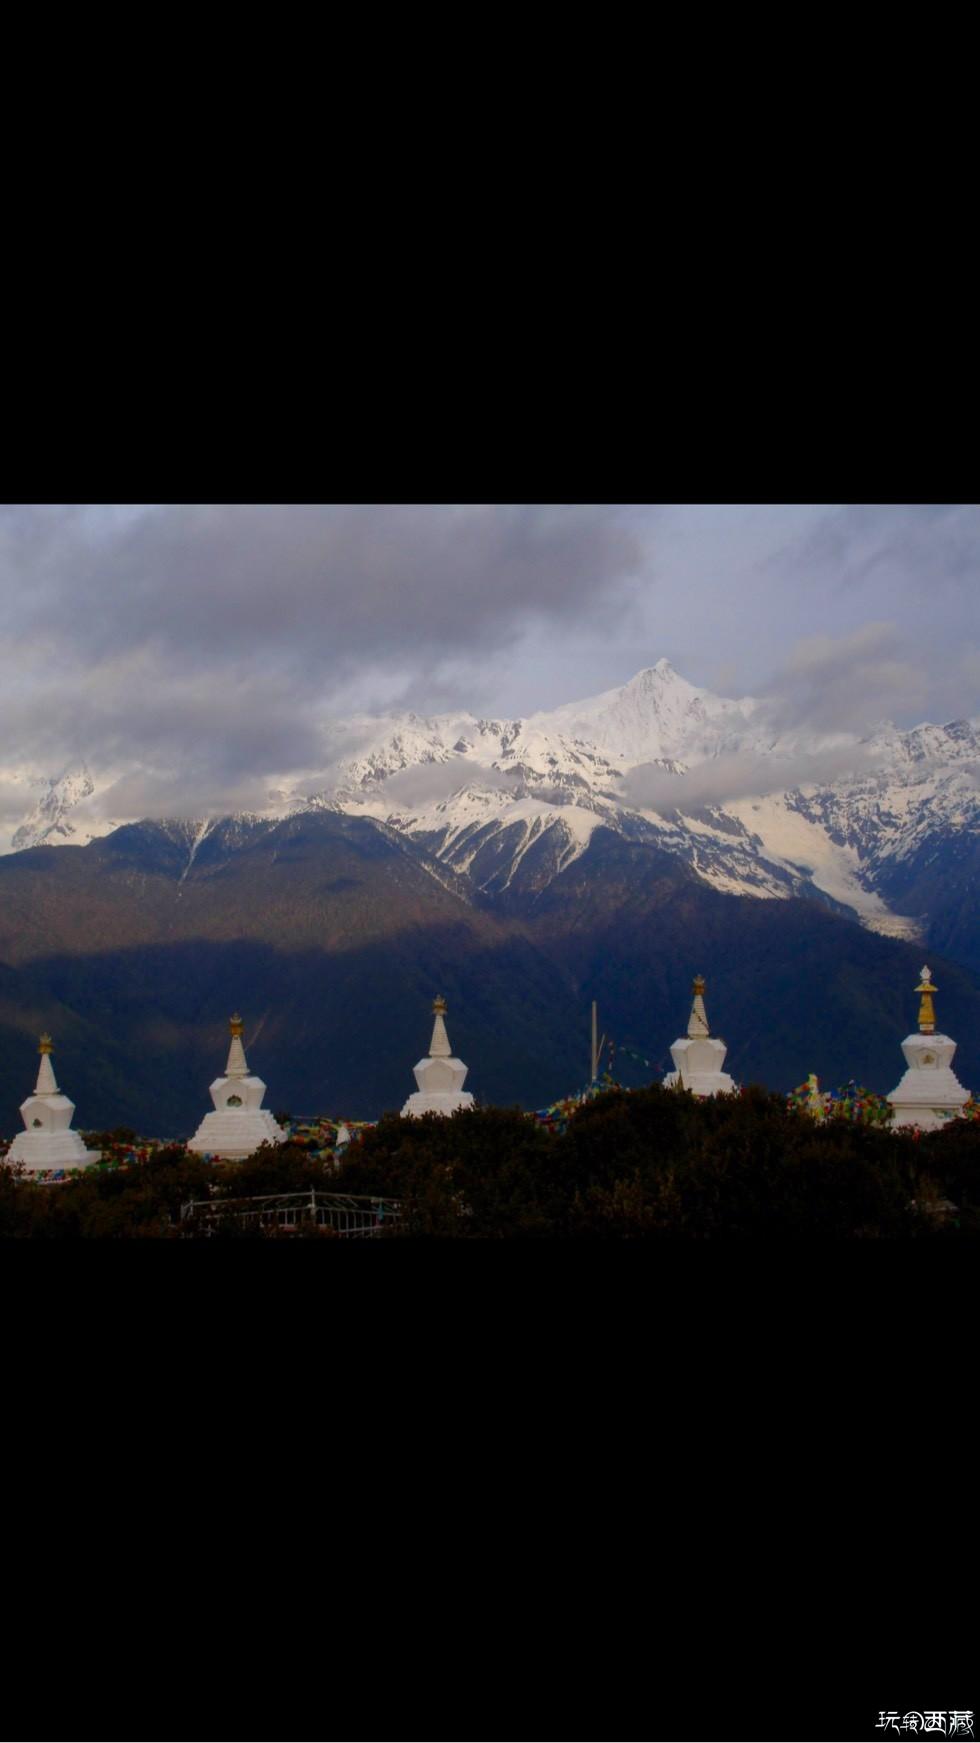 山脉季风旅行诗歌之滇藏线